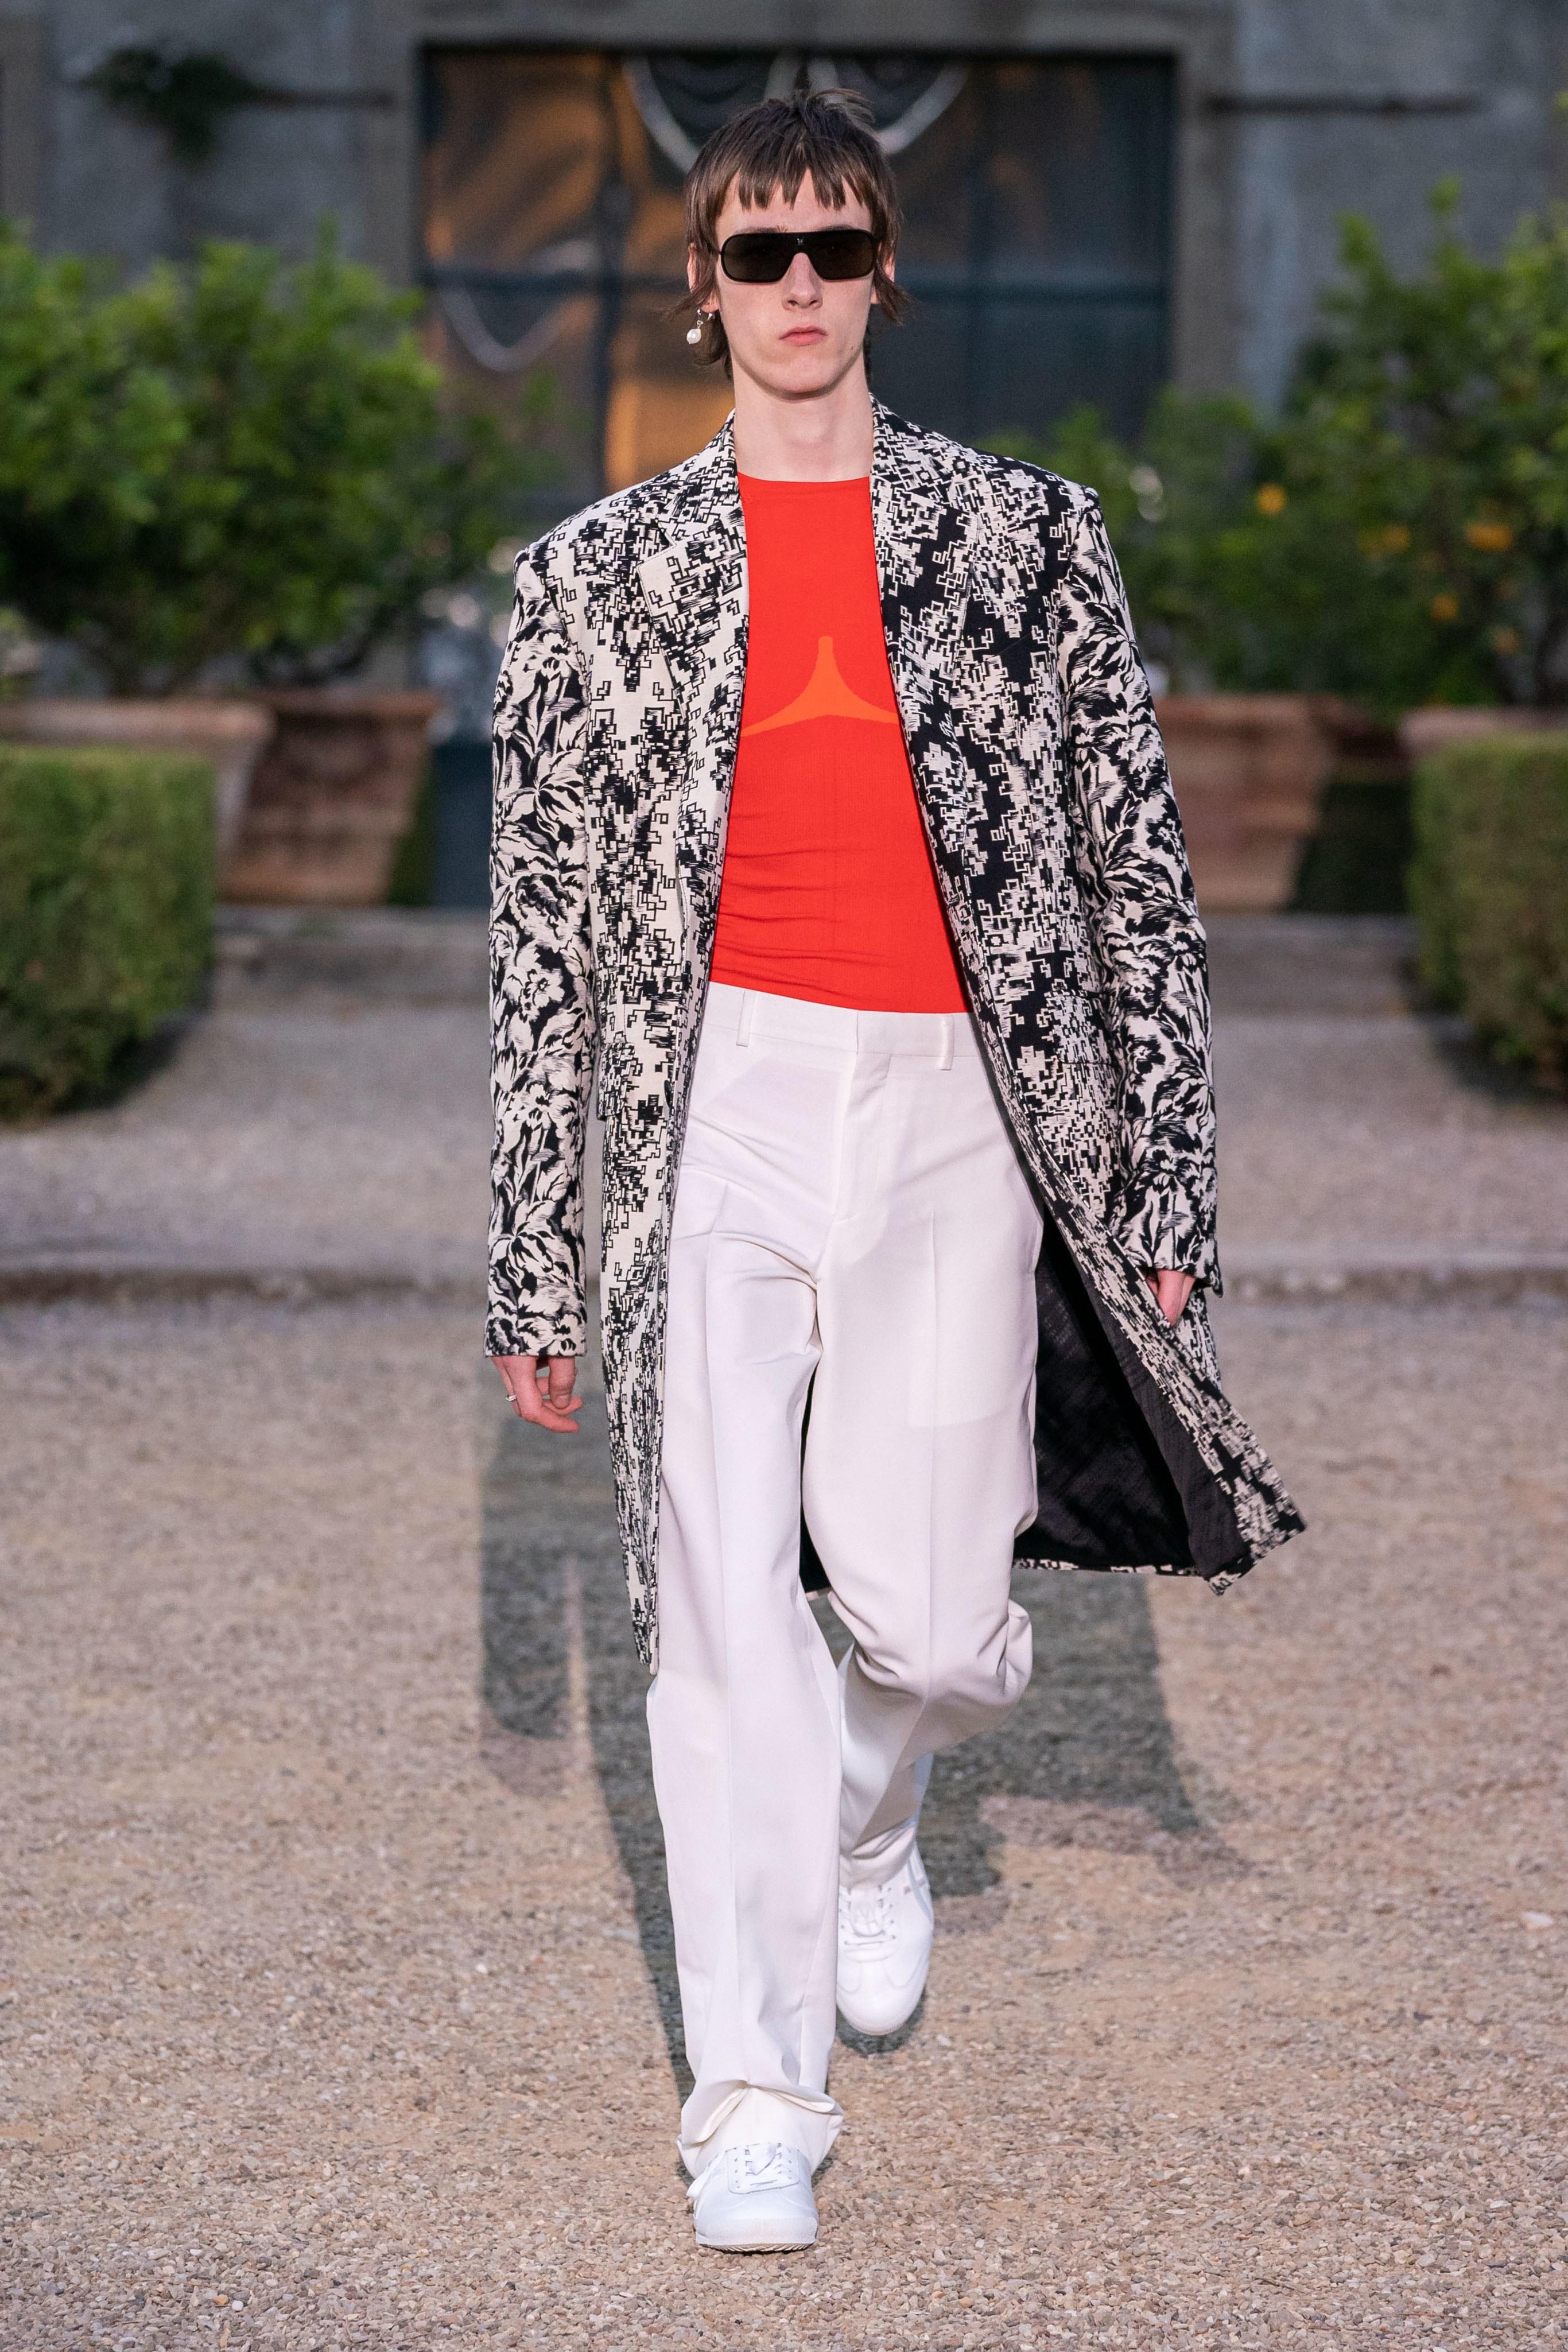 Креативната главна на Givenchy показа дебютната мъжка колекция за къщата във Флоренция тази година. Интересно и много неочаквано, Клеър Уайт Келър поднесе на феновете си странна смесица от собствената й призма за 90-те години, модерния дендизъм и днешната корейска улична култура, съчетани в естетиката на Стария и Новия свят.